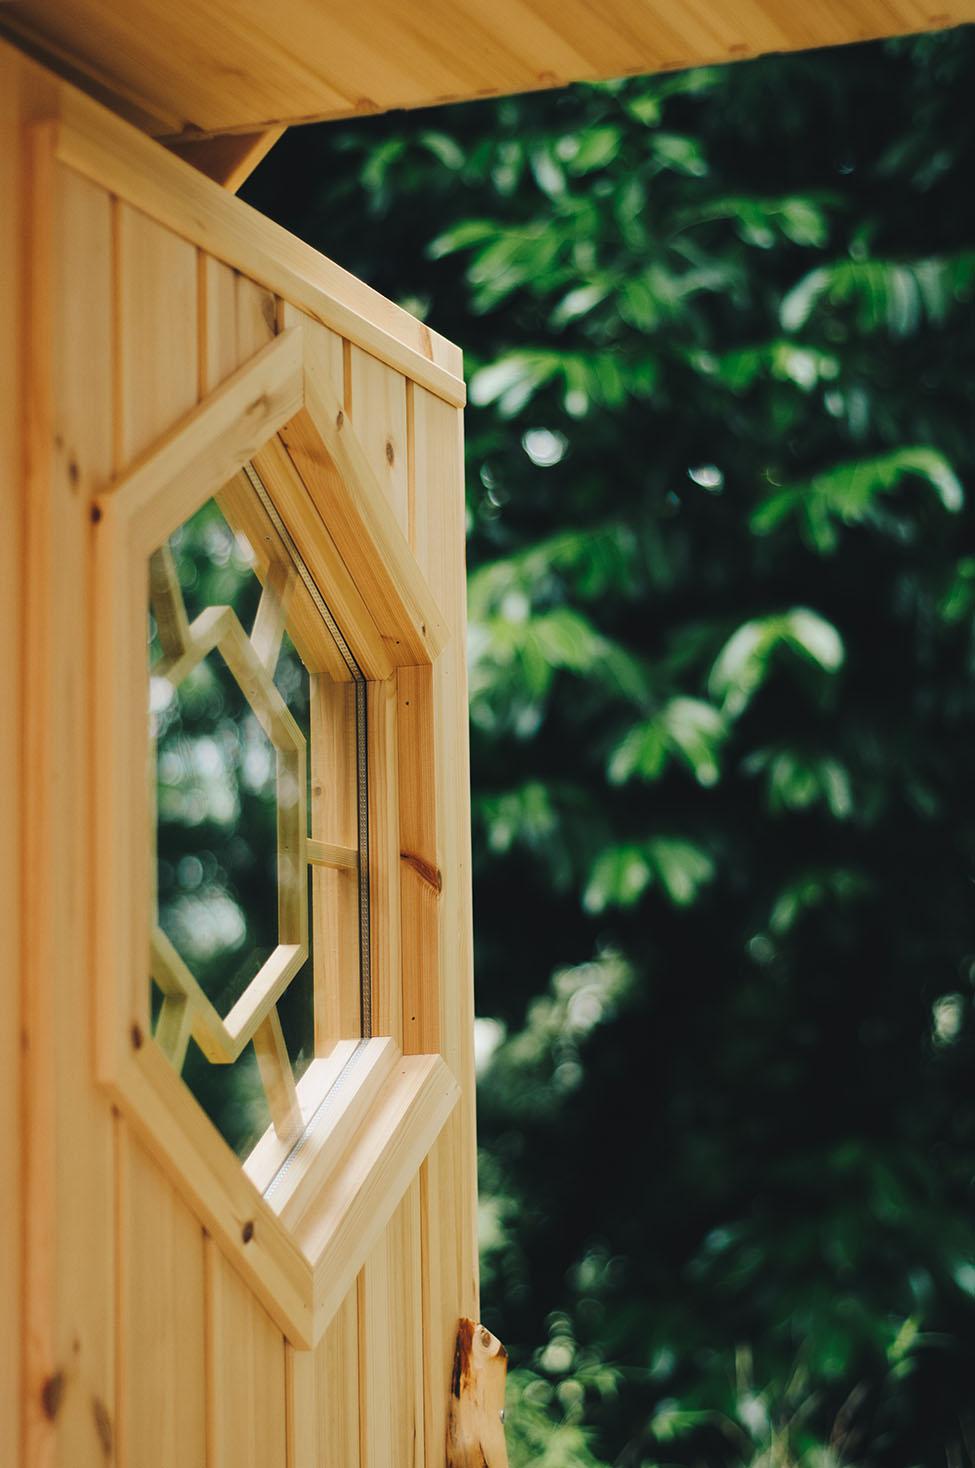 notre avis, nuit à la bulle en bois de chantilly, kota finlandais, saint-leu d'esserent